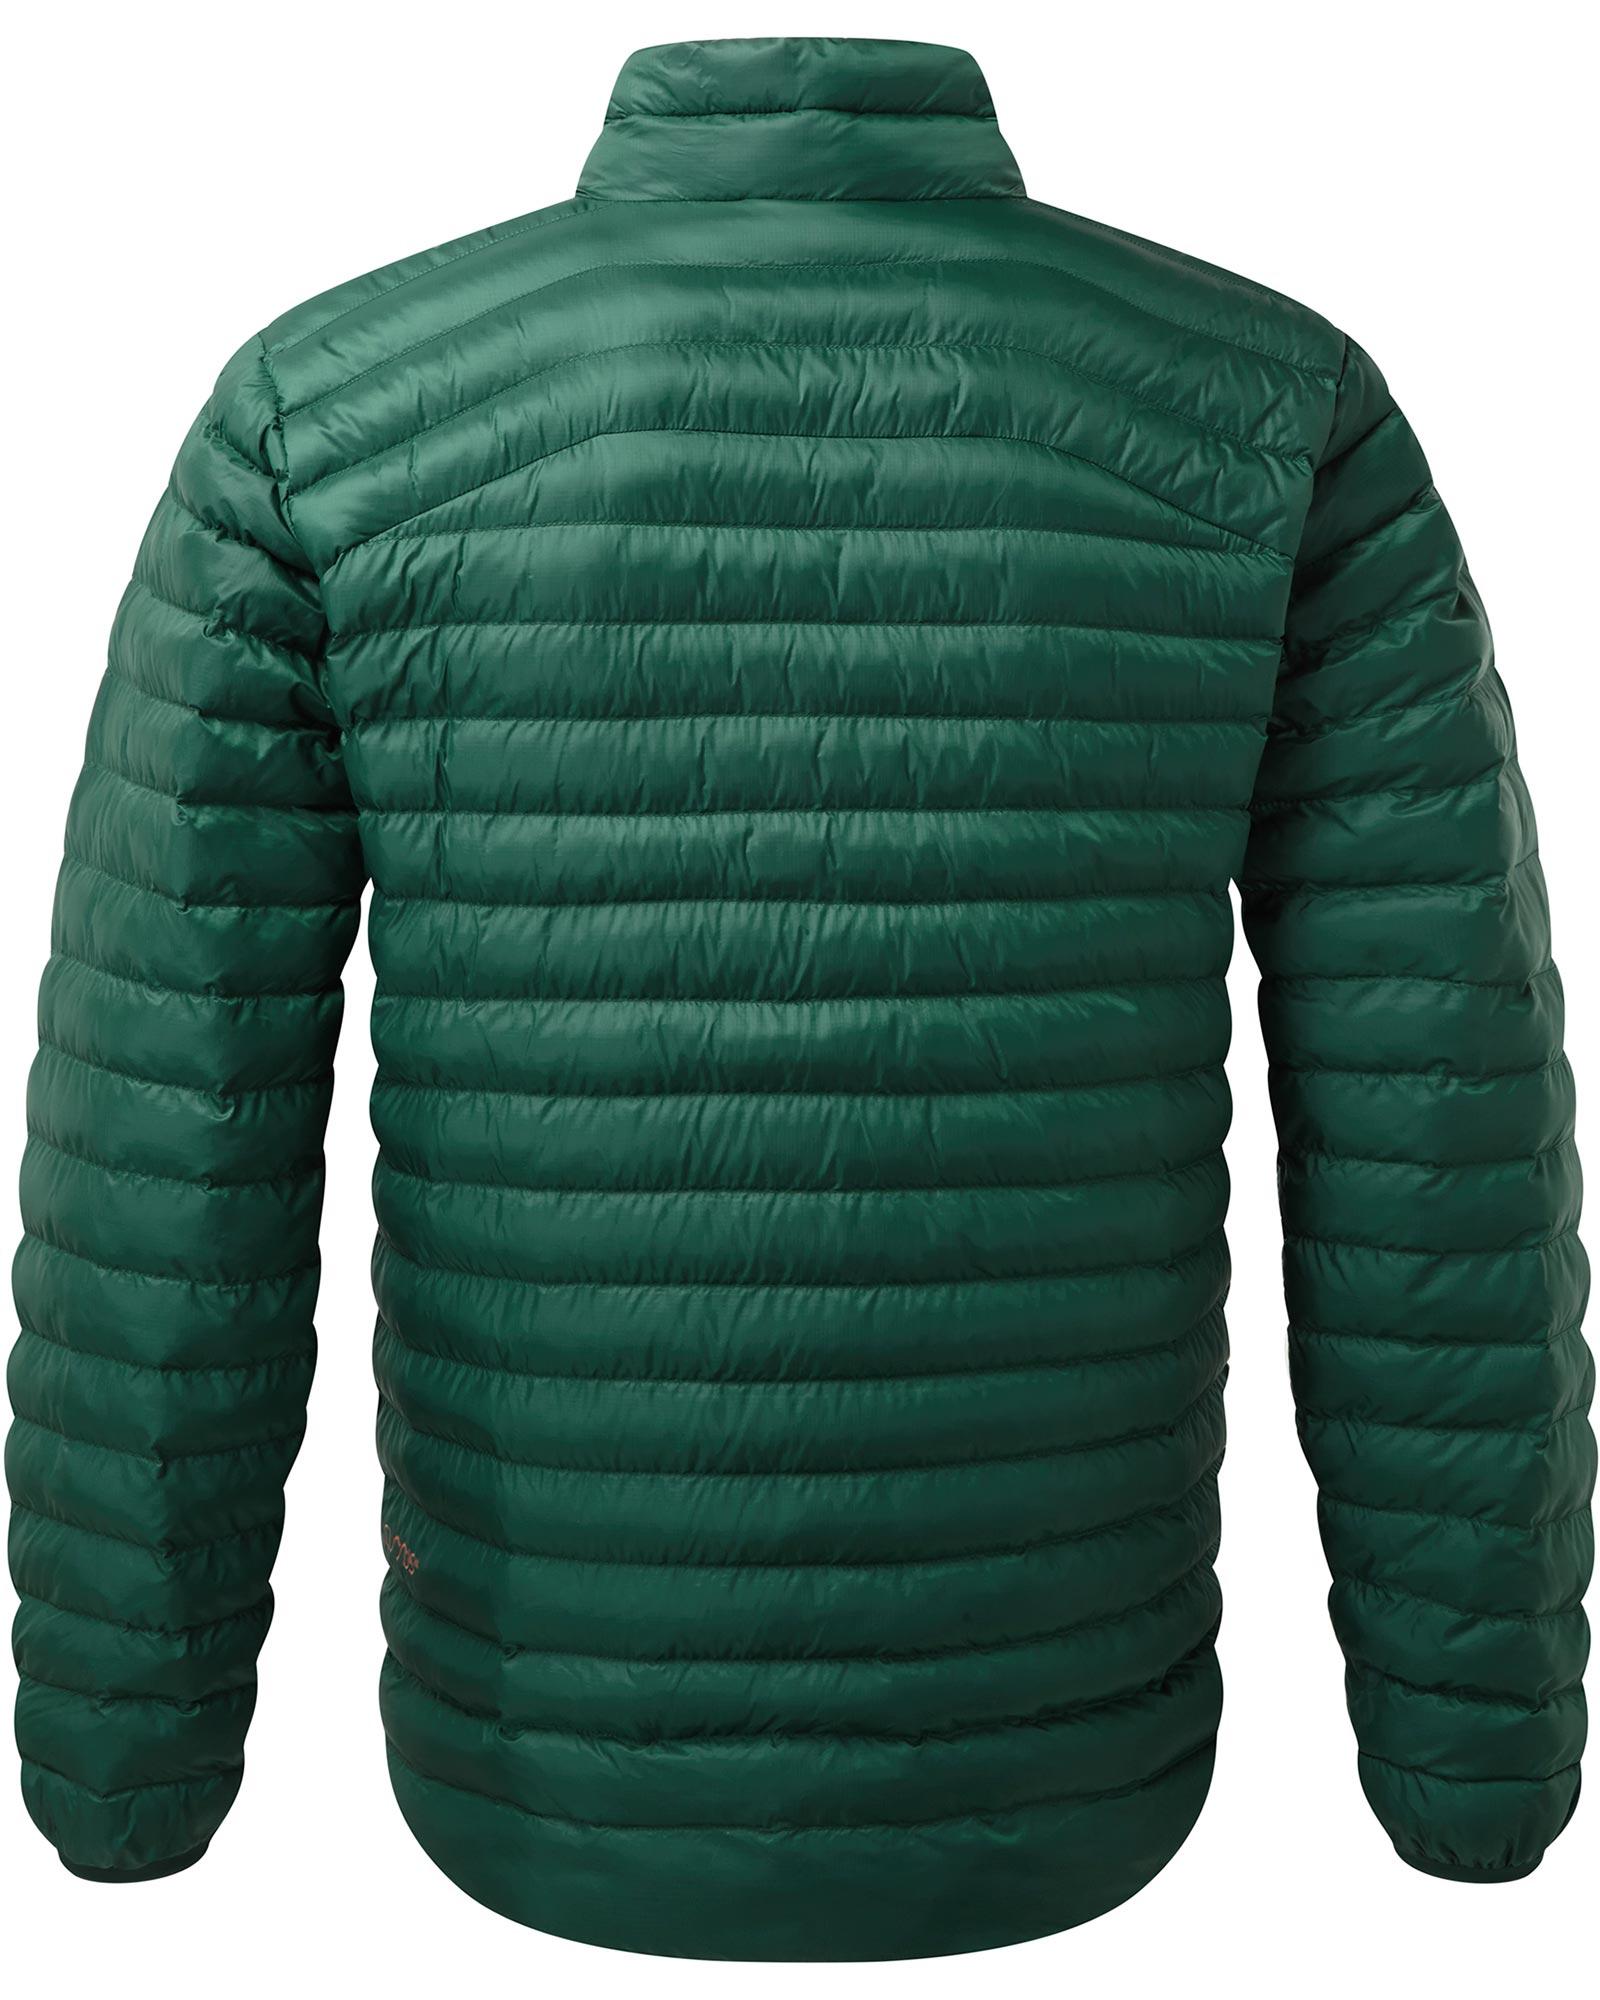 Rab Cirrus Men's Jacket